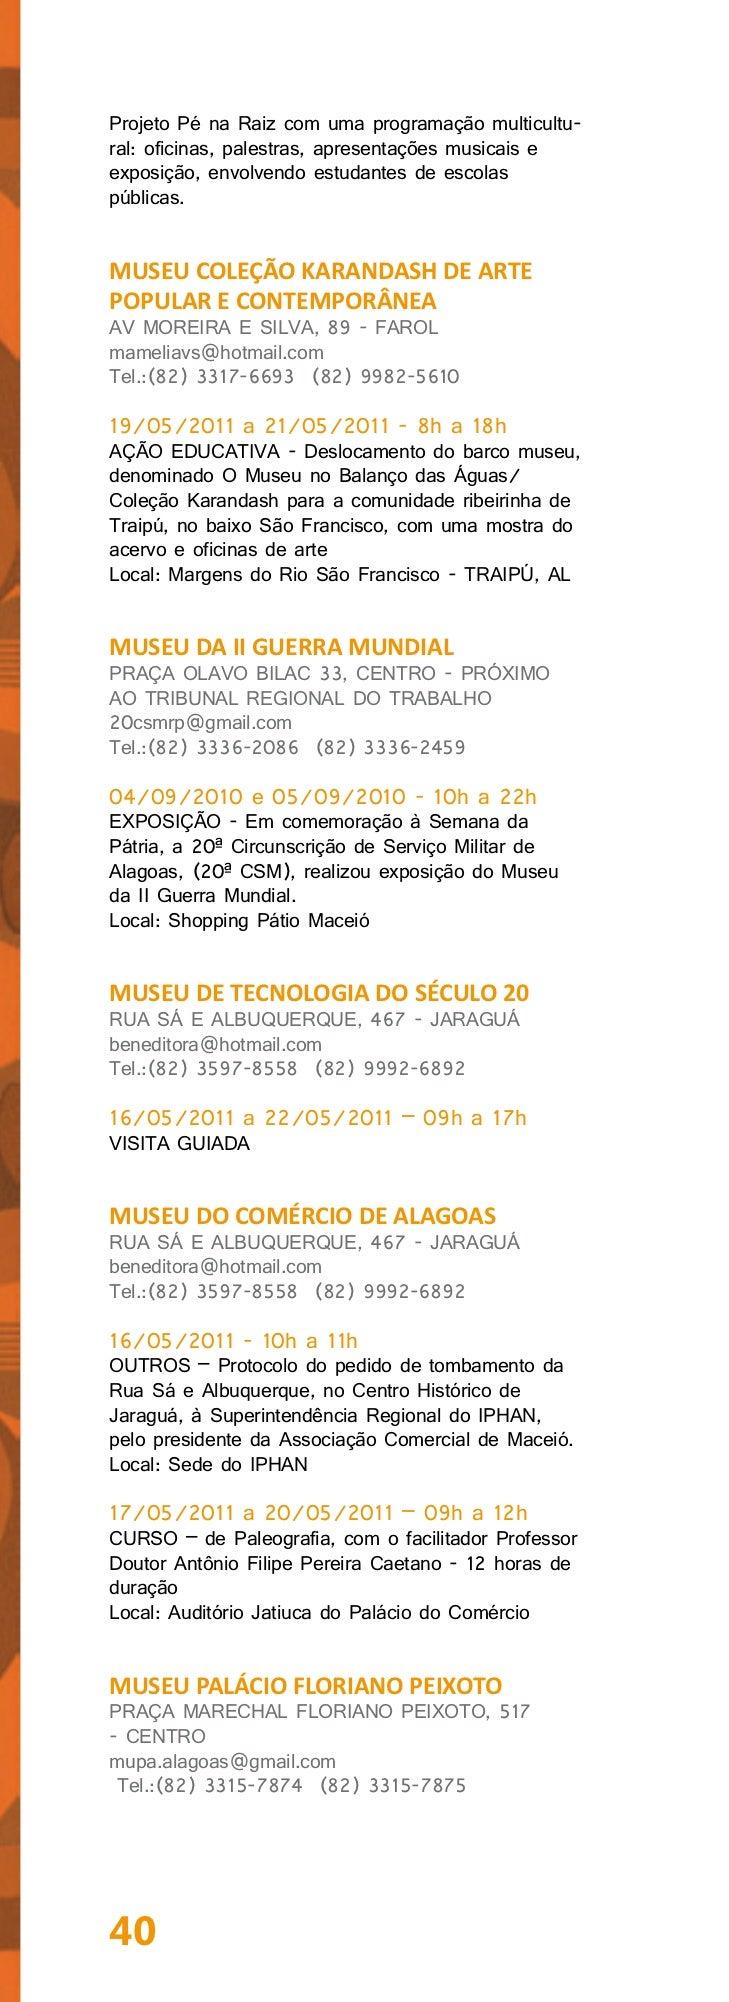 """16/05/2011 - 11h a 12hEXIBIÇÃO DE FILME – """"Igreja Segura, Igreja Aberta""""- Experiência exitosa do Projeto da Polícia Judici..."""